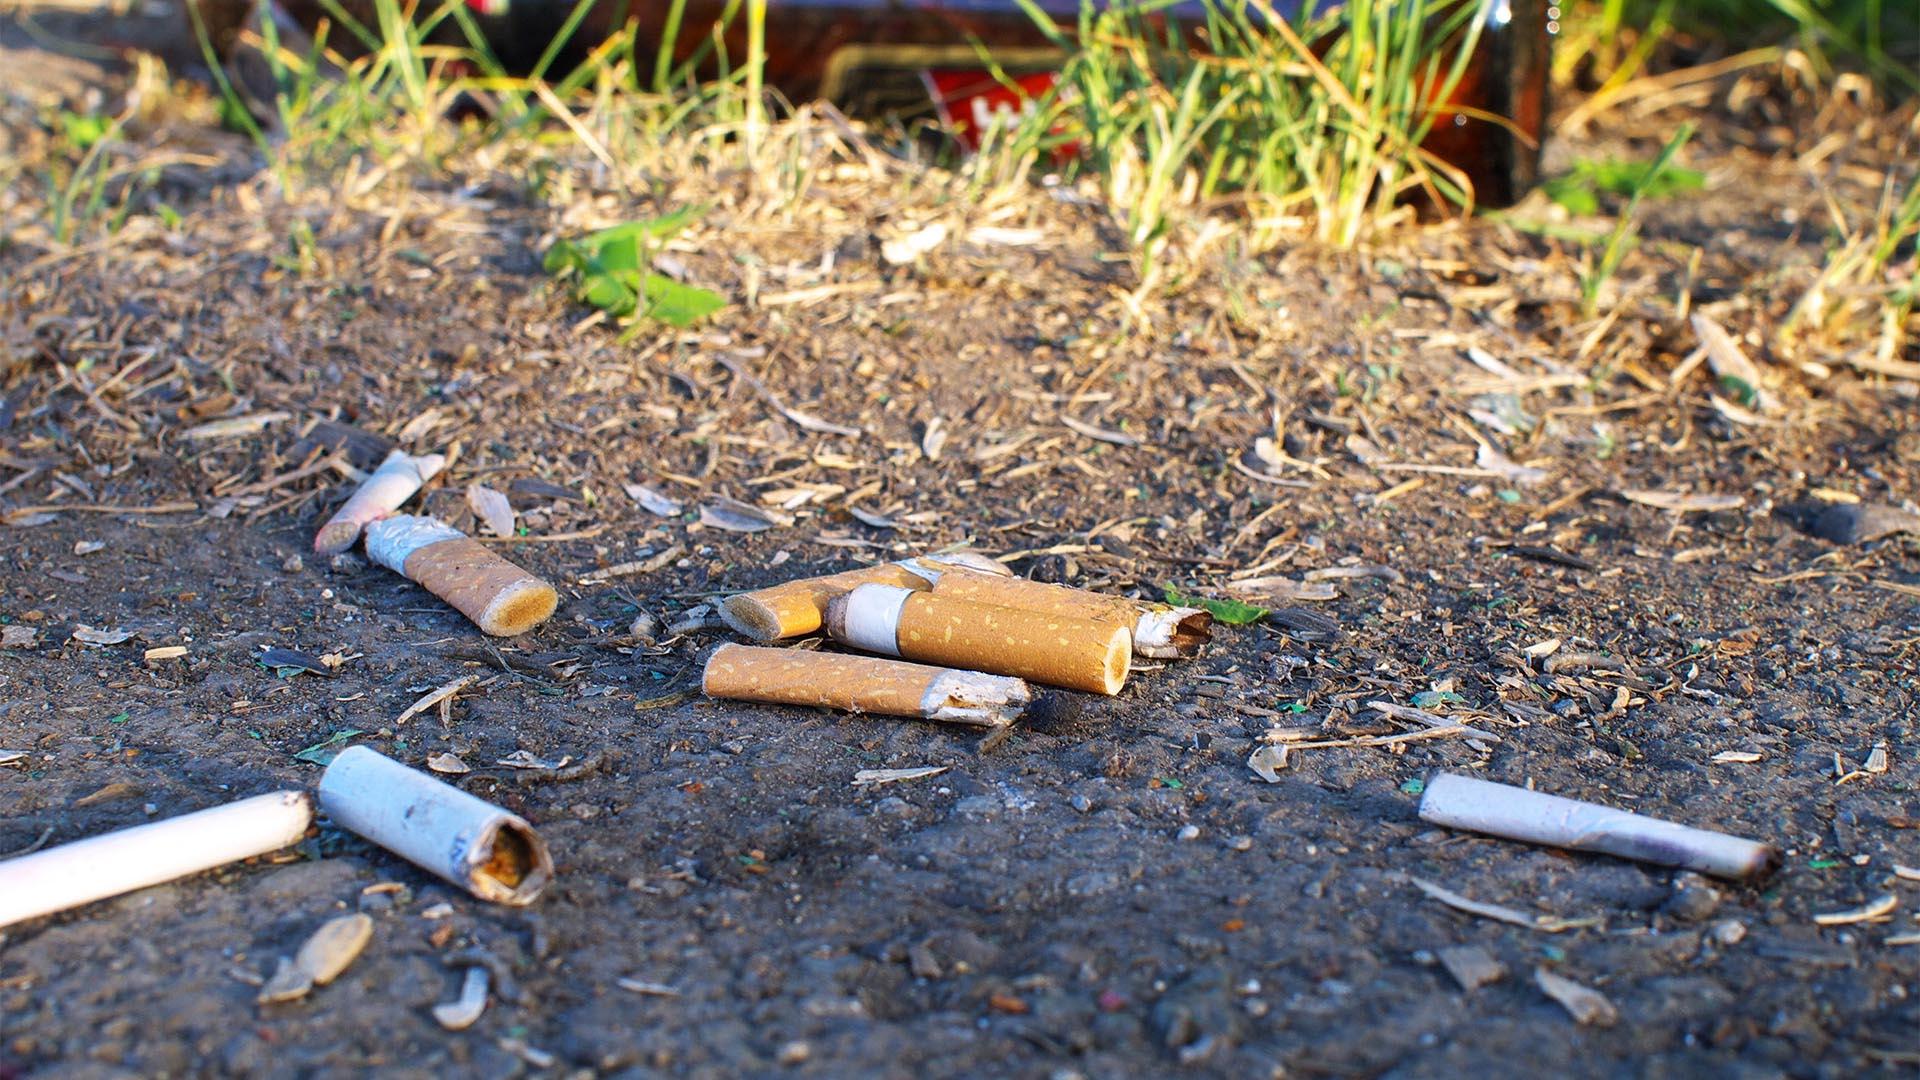 Zigarettenkippen – pures Gift für die Umwelt